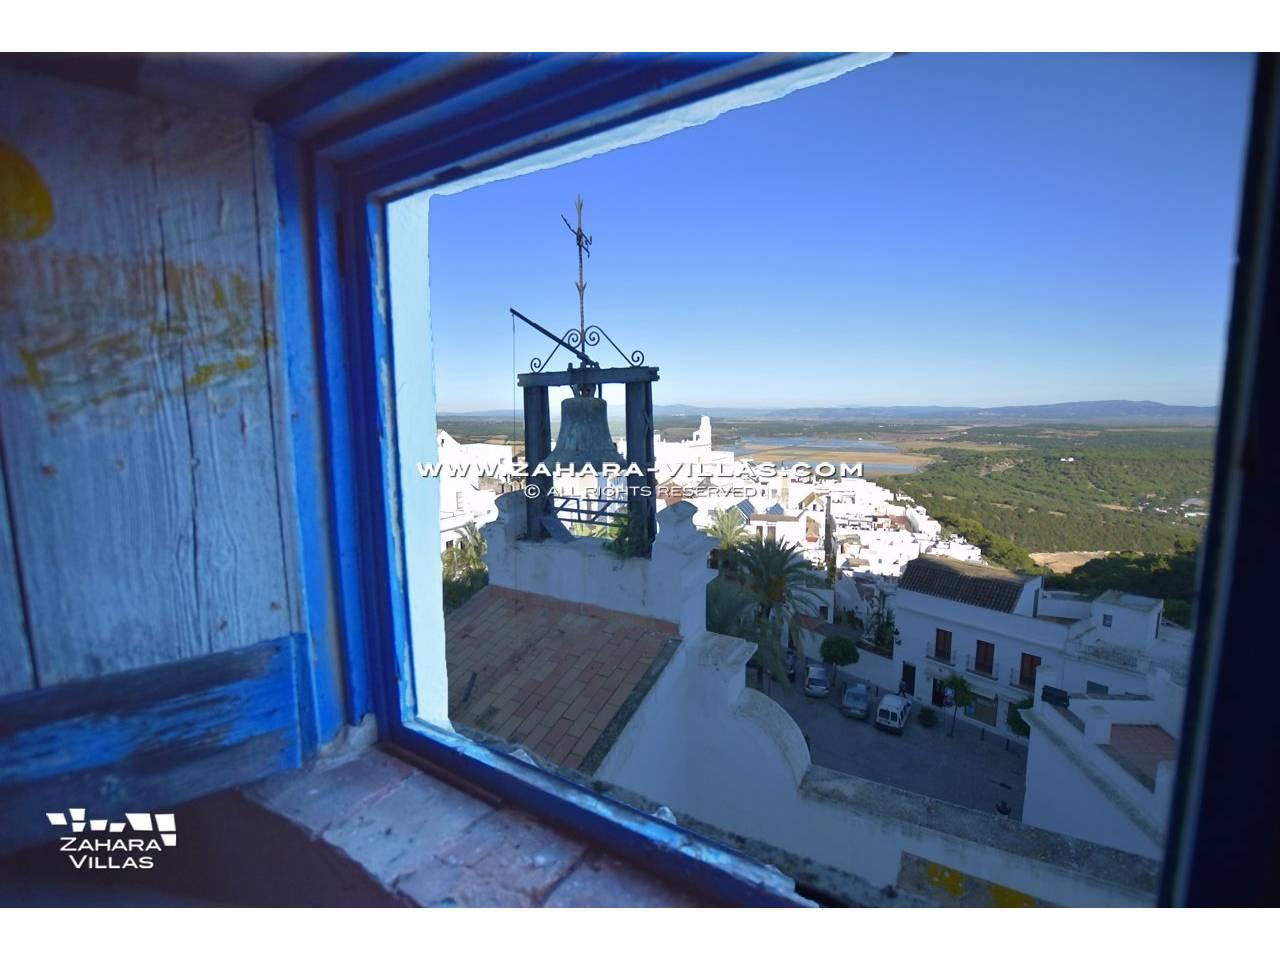 Imagen 3 de Historic buildings for sale in Vejer de la Frontera are sold